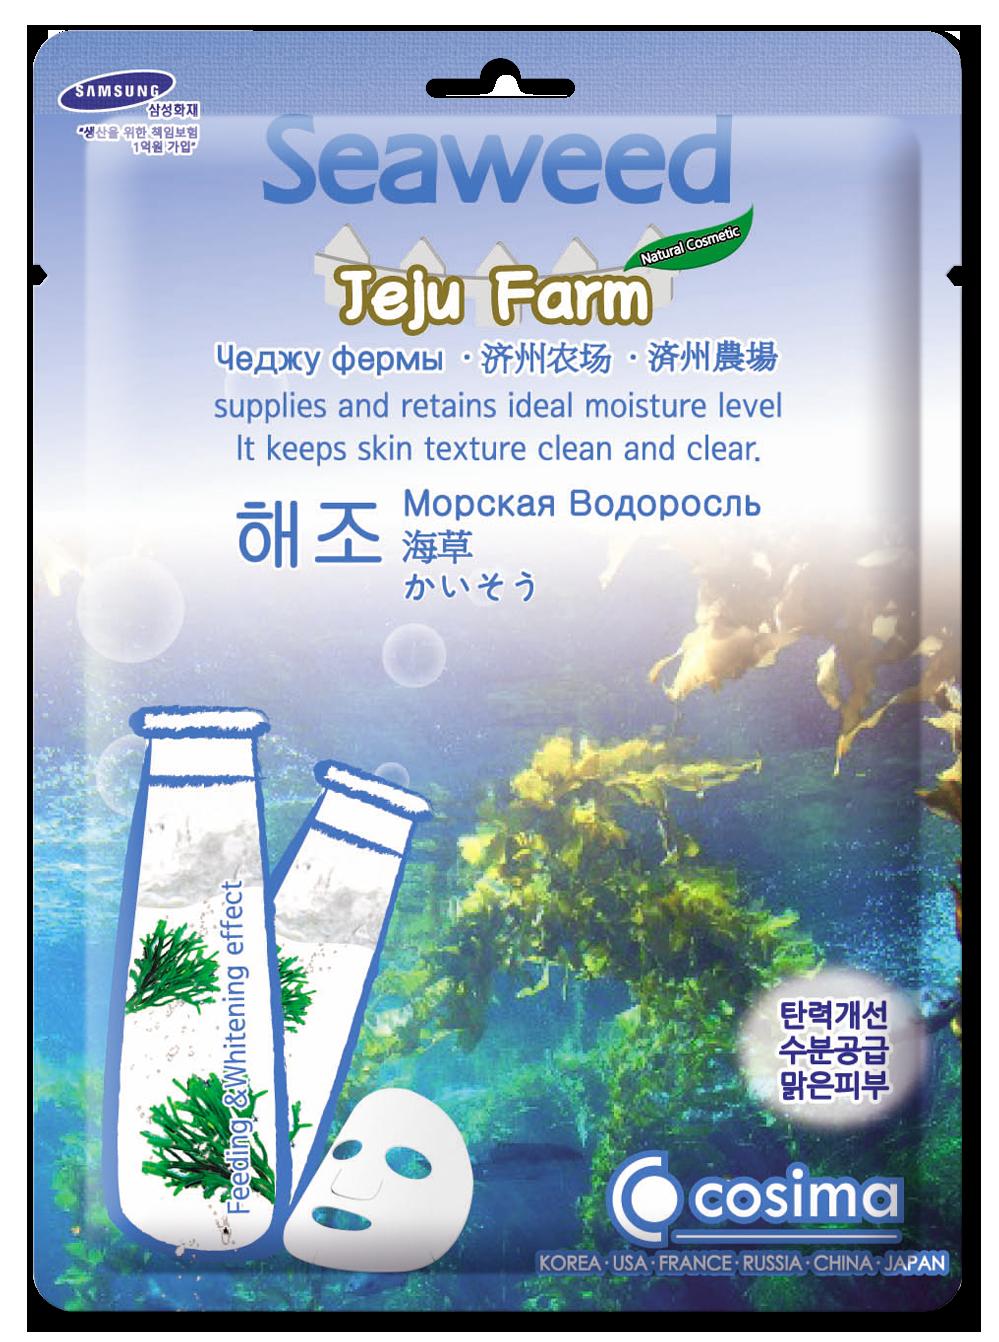 COSIMA Маска для лица с морскими водорослями и гиалуроновой кислотой / COSIMA 25 гр